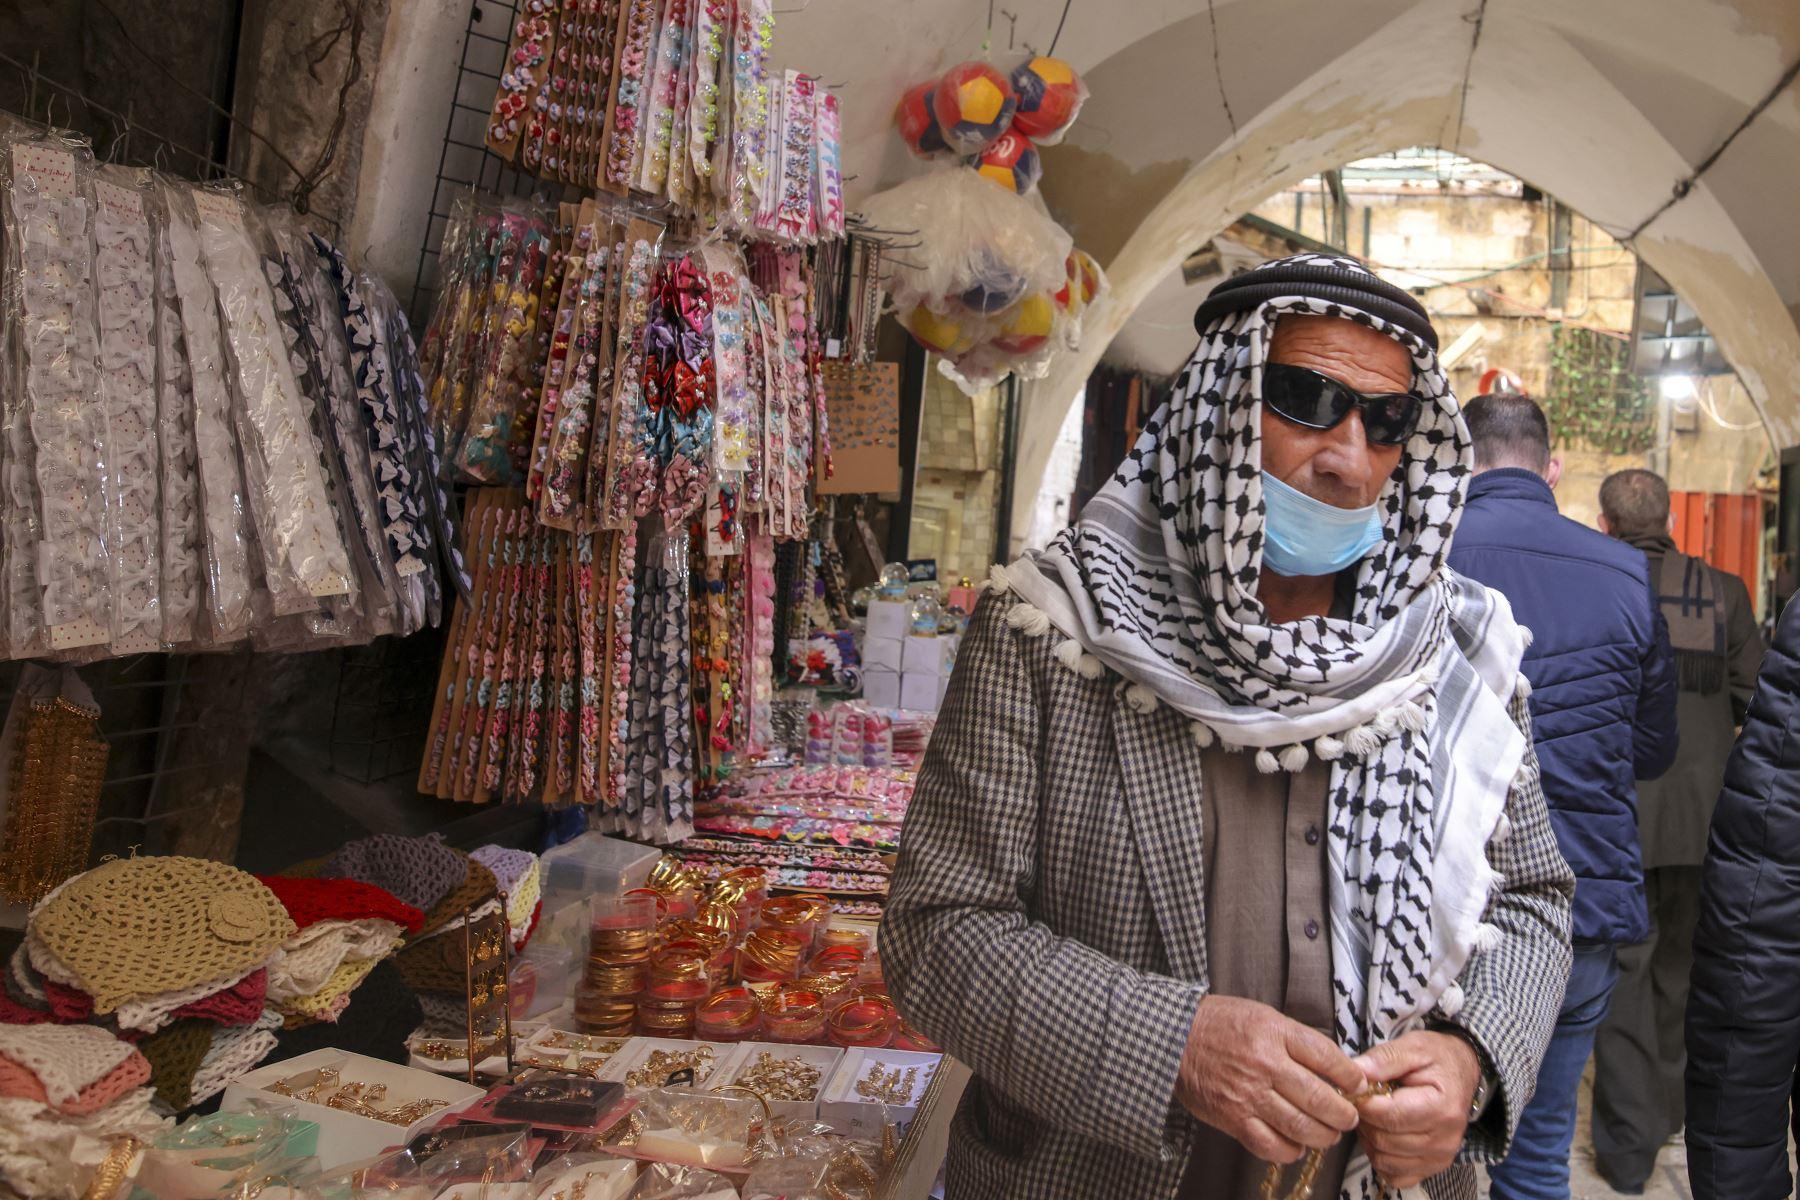 Un palestino vestido con una máscara pasa frente a las tiendas de la Ciudad Vieja de Jerusalén, en medio de la pandemia de coronavirus, el 24 de febrero de 2021. Foto: AFP